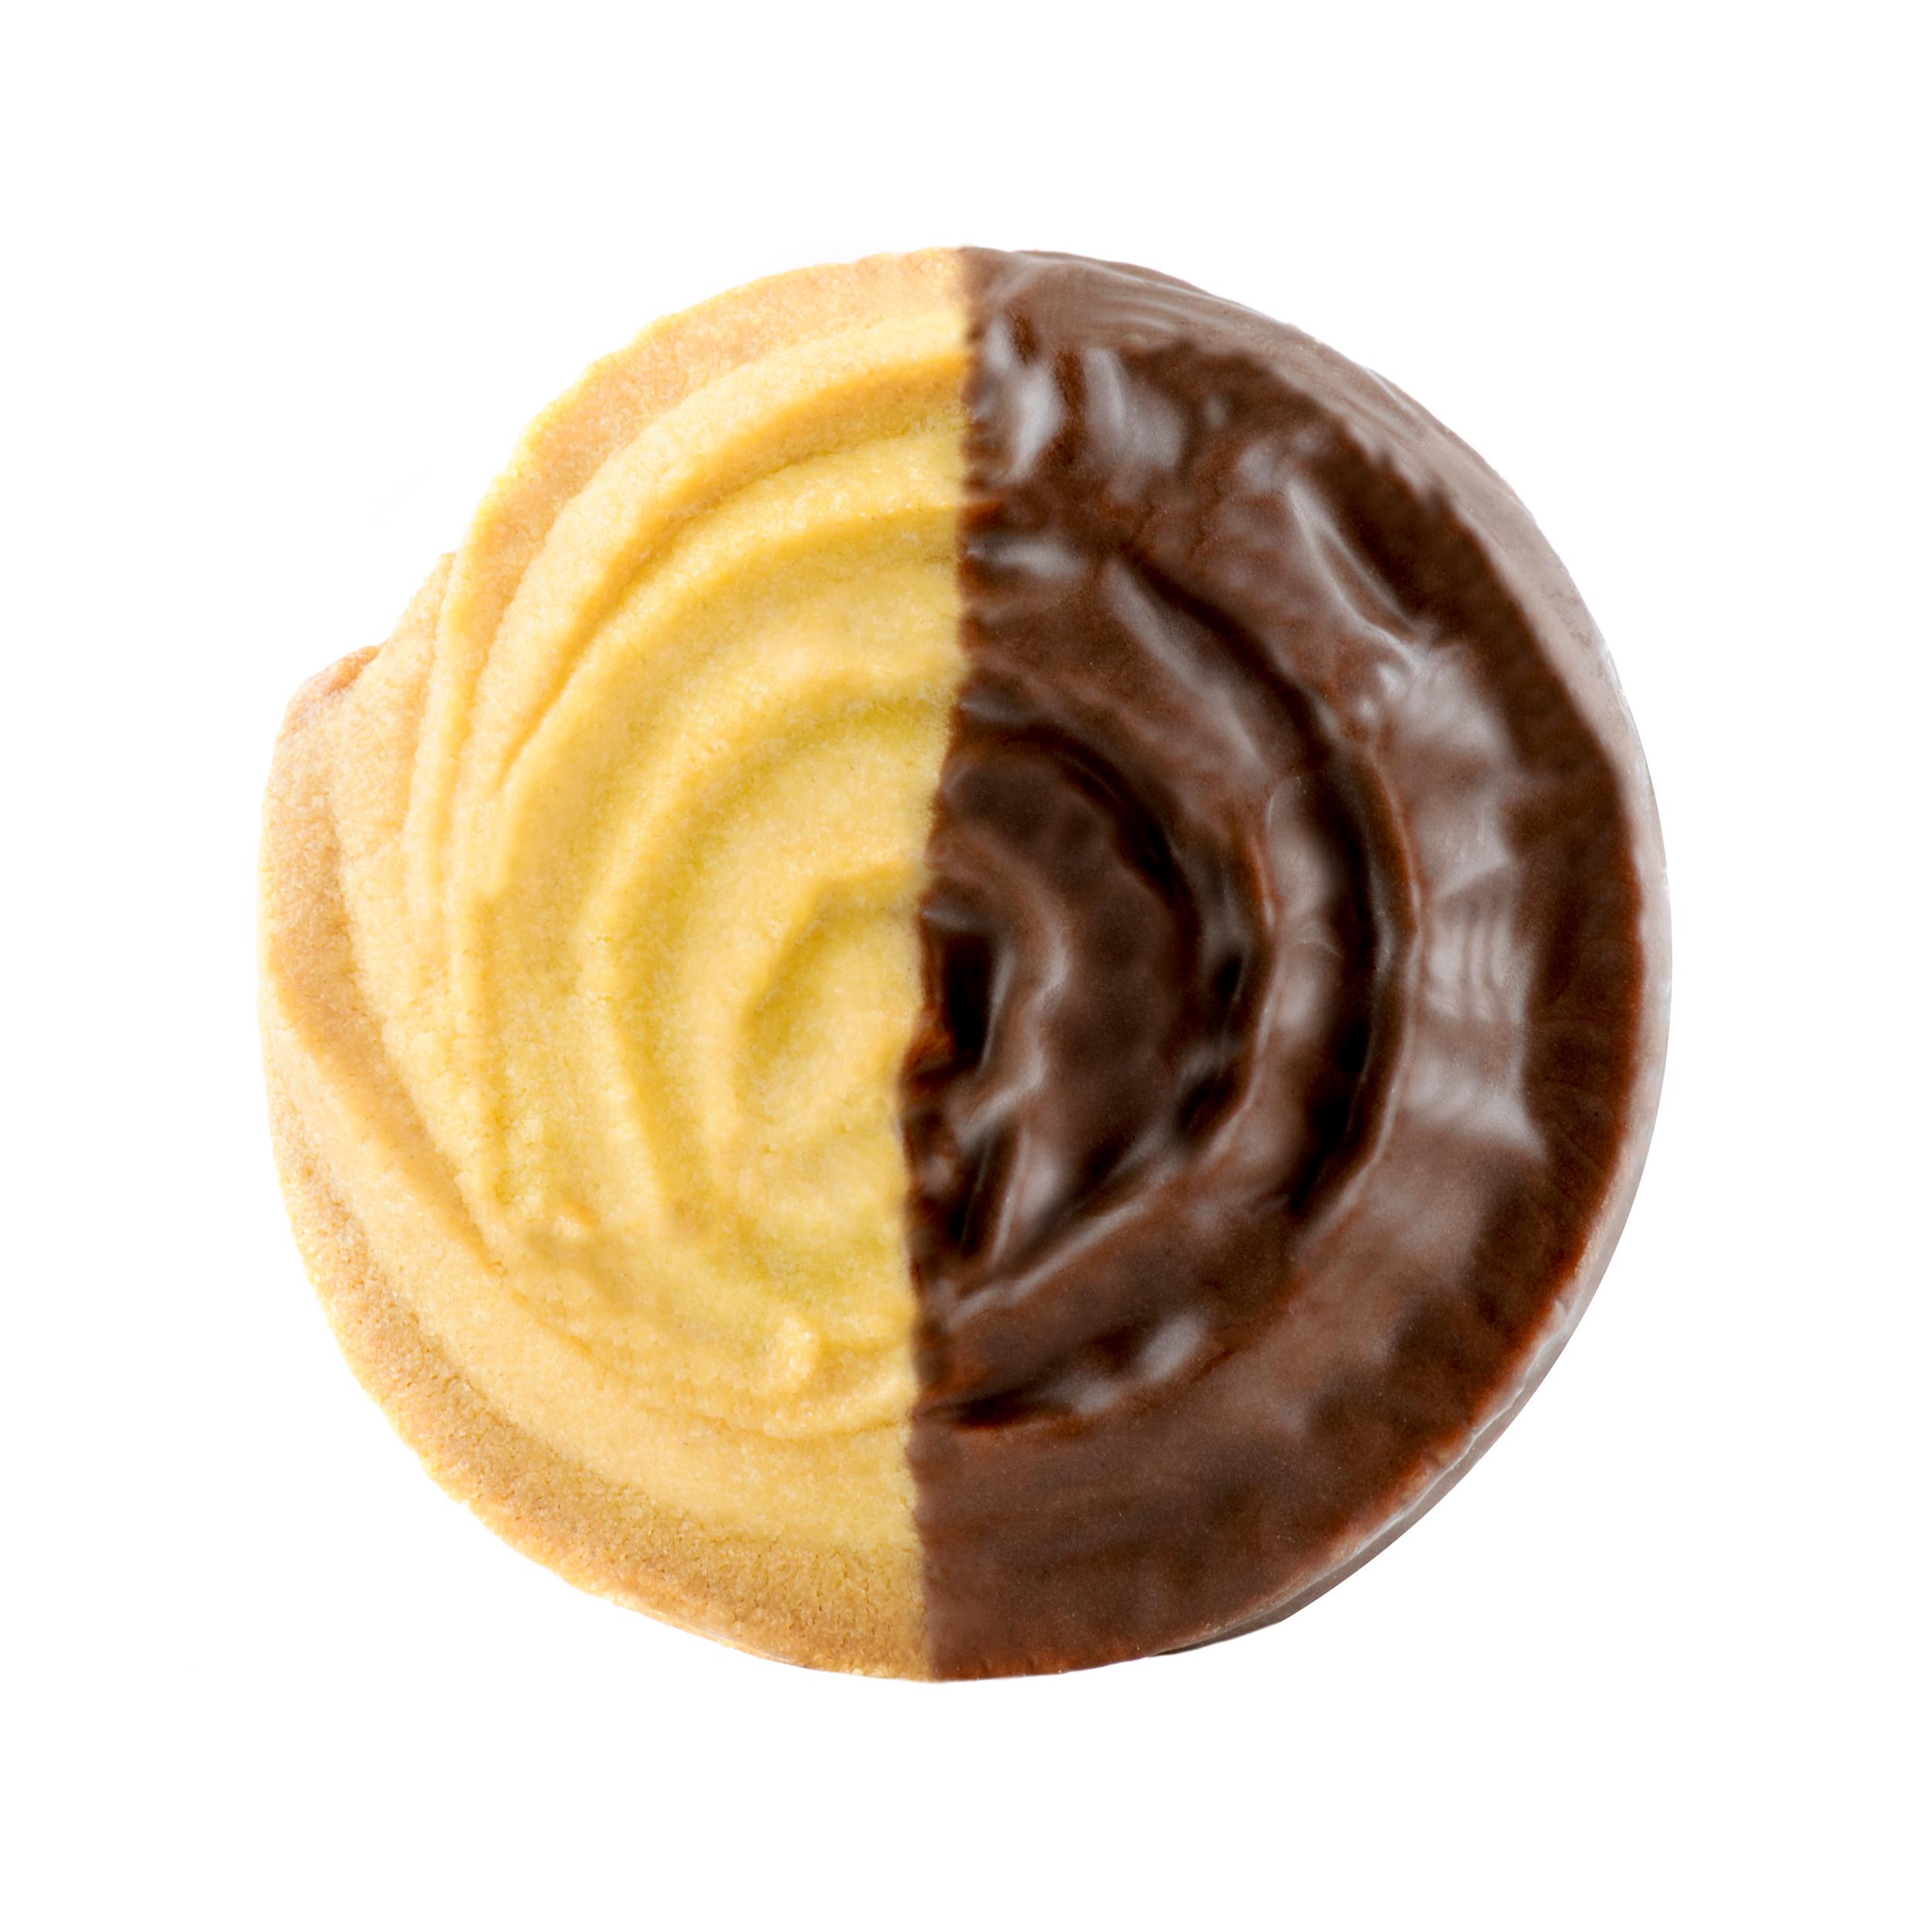 Shortcake_round_Choco_front